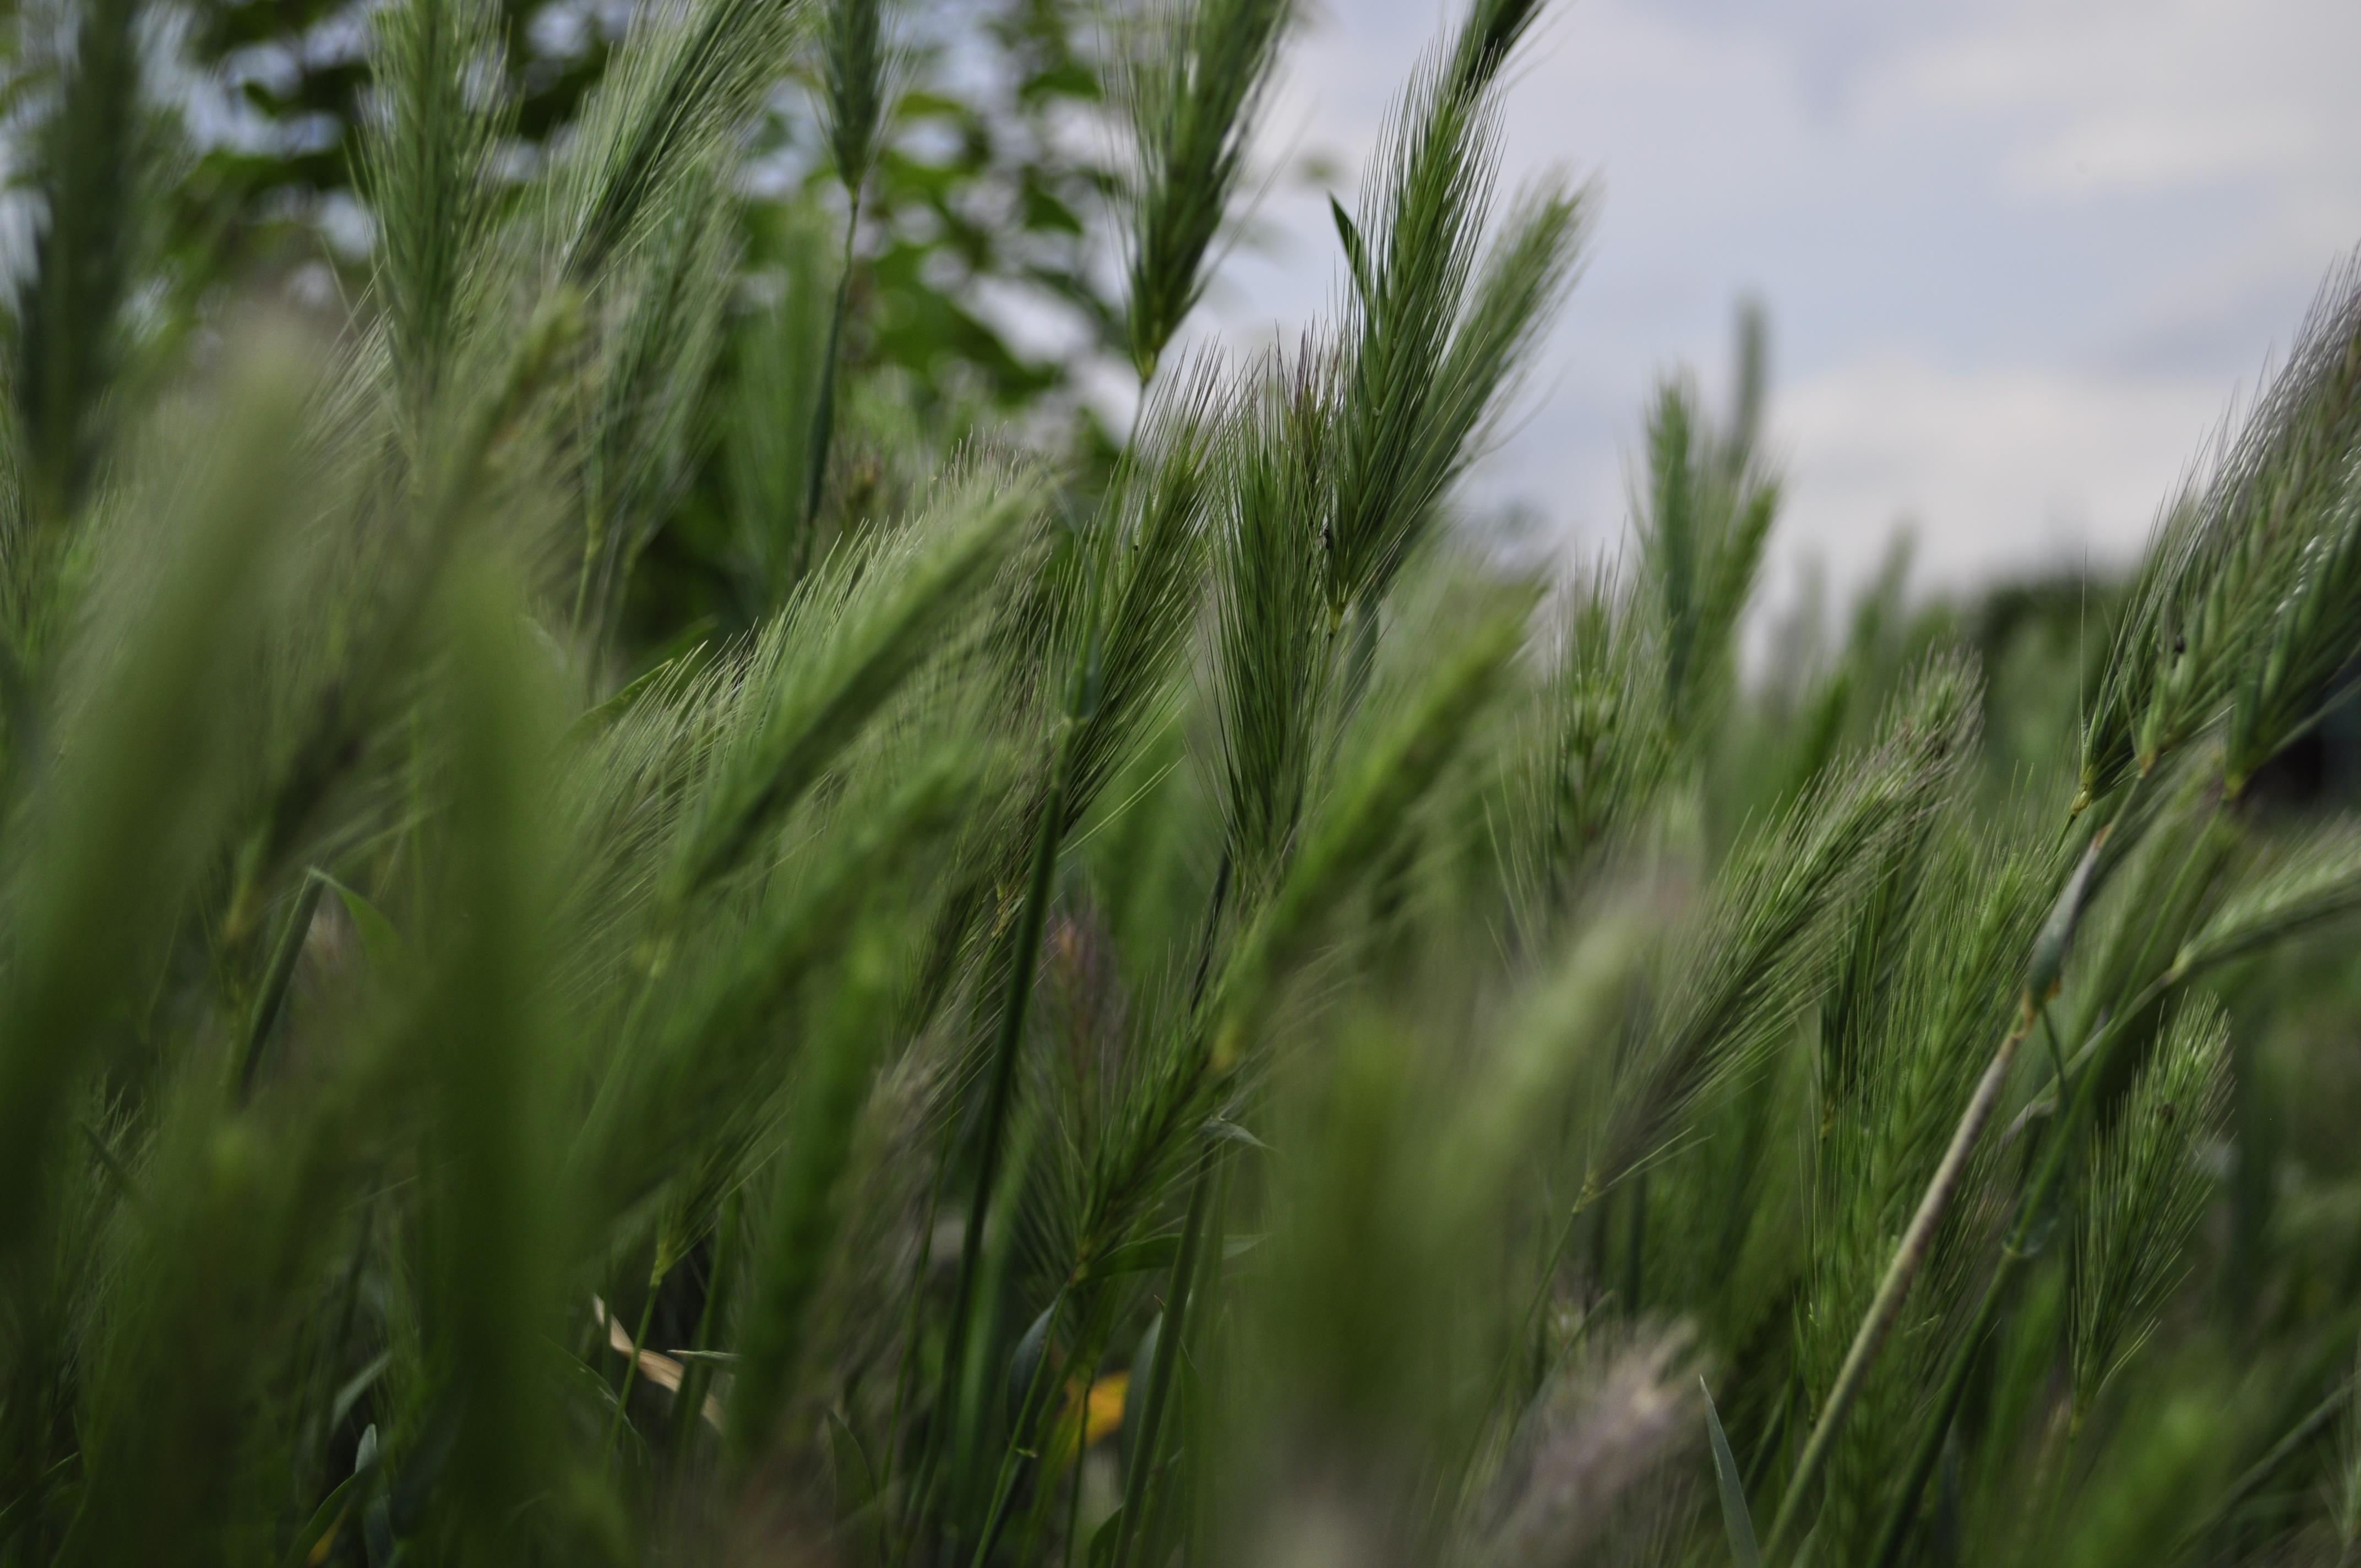 Ears, Closeup, Crops, Field, Green, HQ Photo